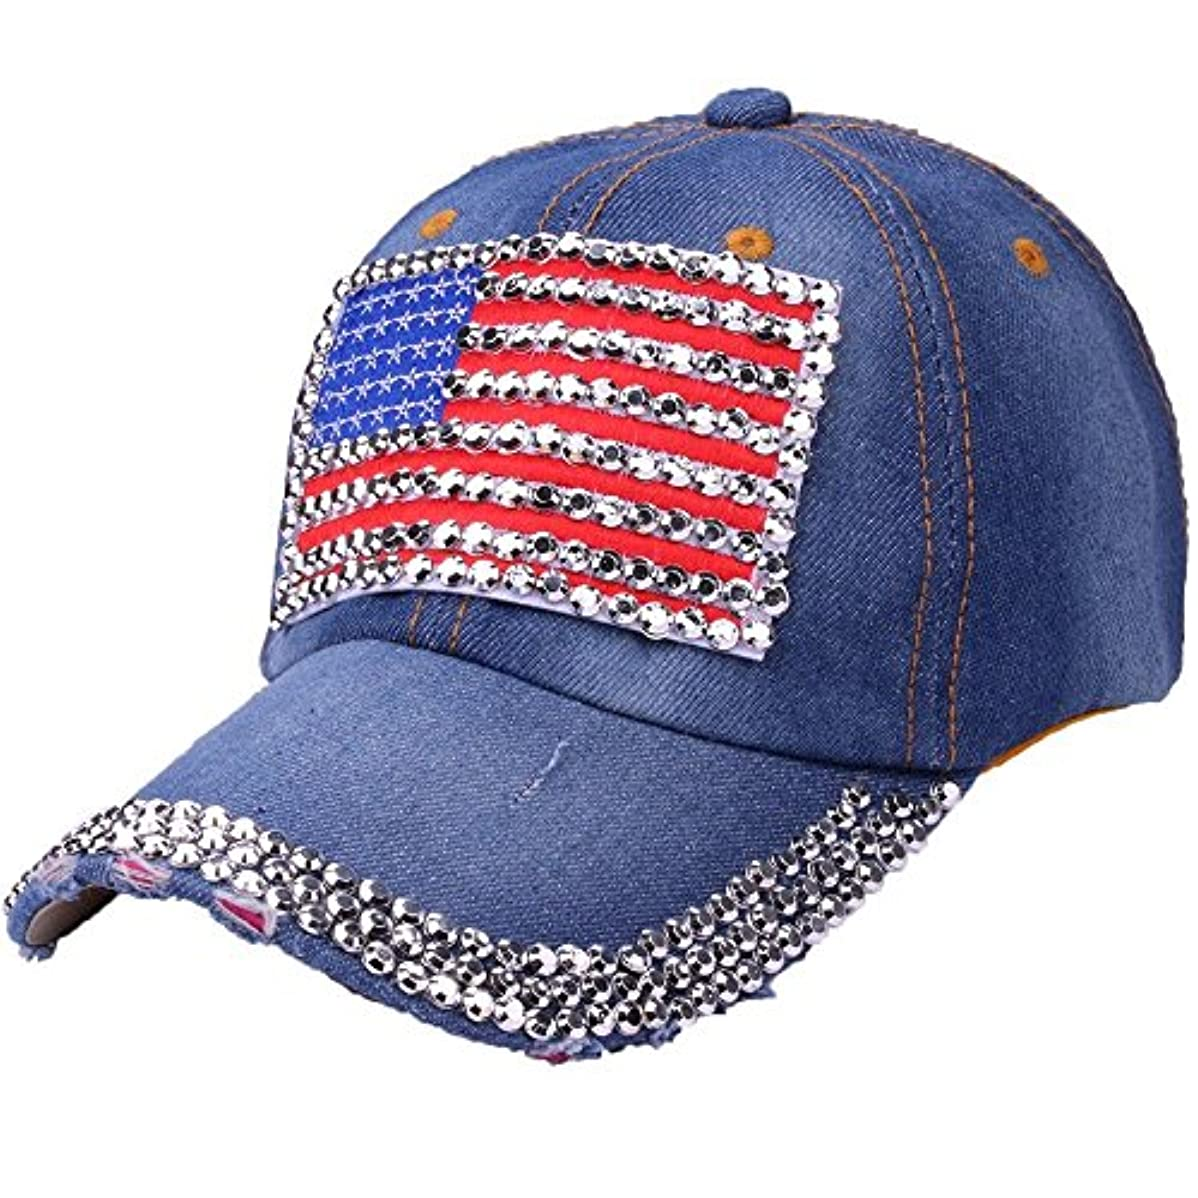 風刺スライムあなたはRacazing Cap カウボーイ 野球帽 ヒップホップ 通気性のある ラインストーン 帽子 夏 登山 アメリカの旗 可調整可能 棒球帽 男女兼用 UV 帽子 軽量 屋外 ジーンズ Unisex Cap (C)